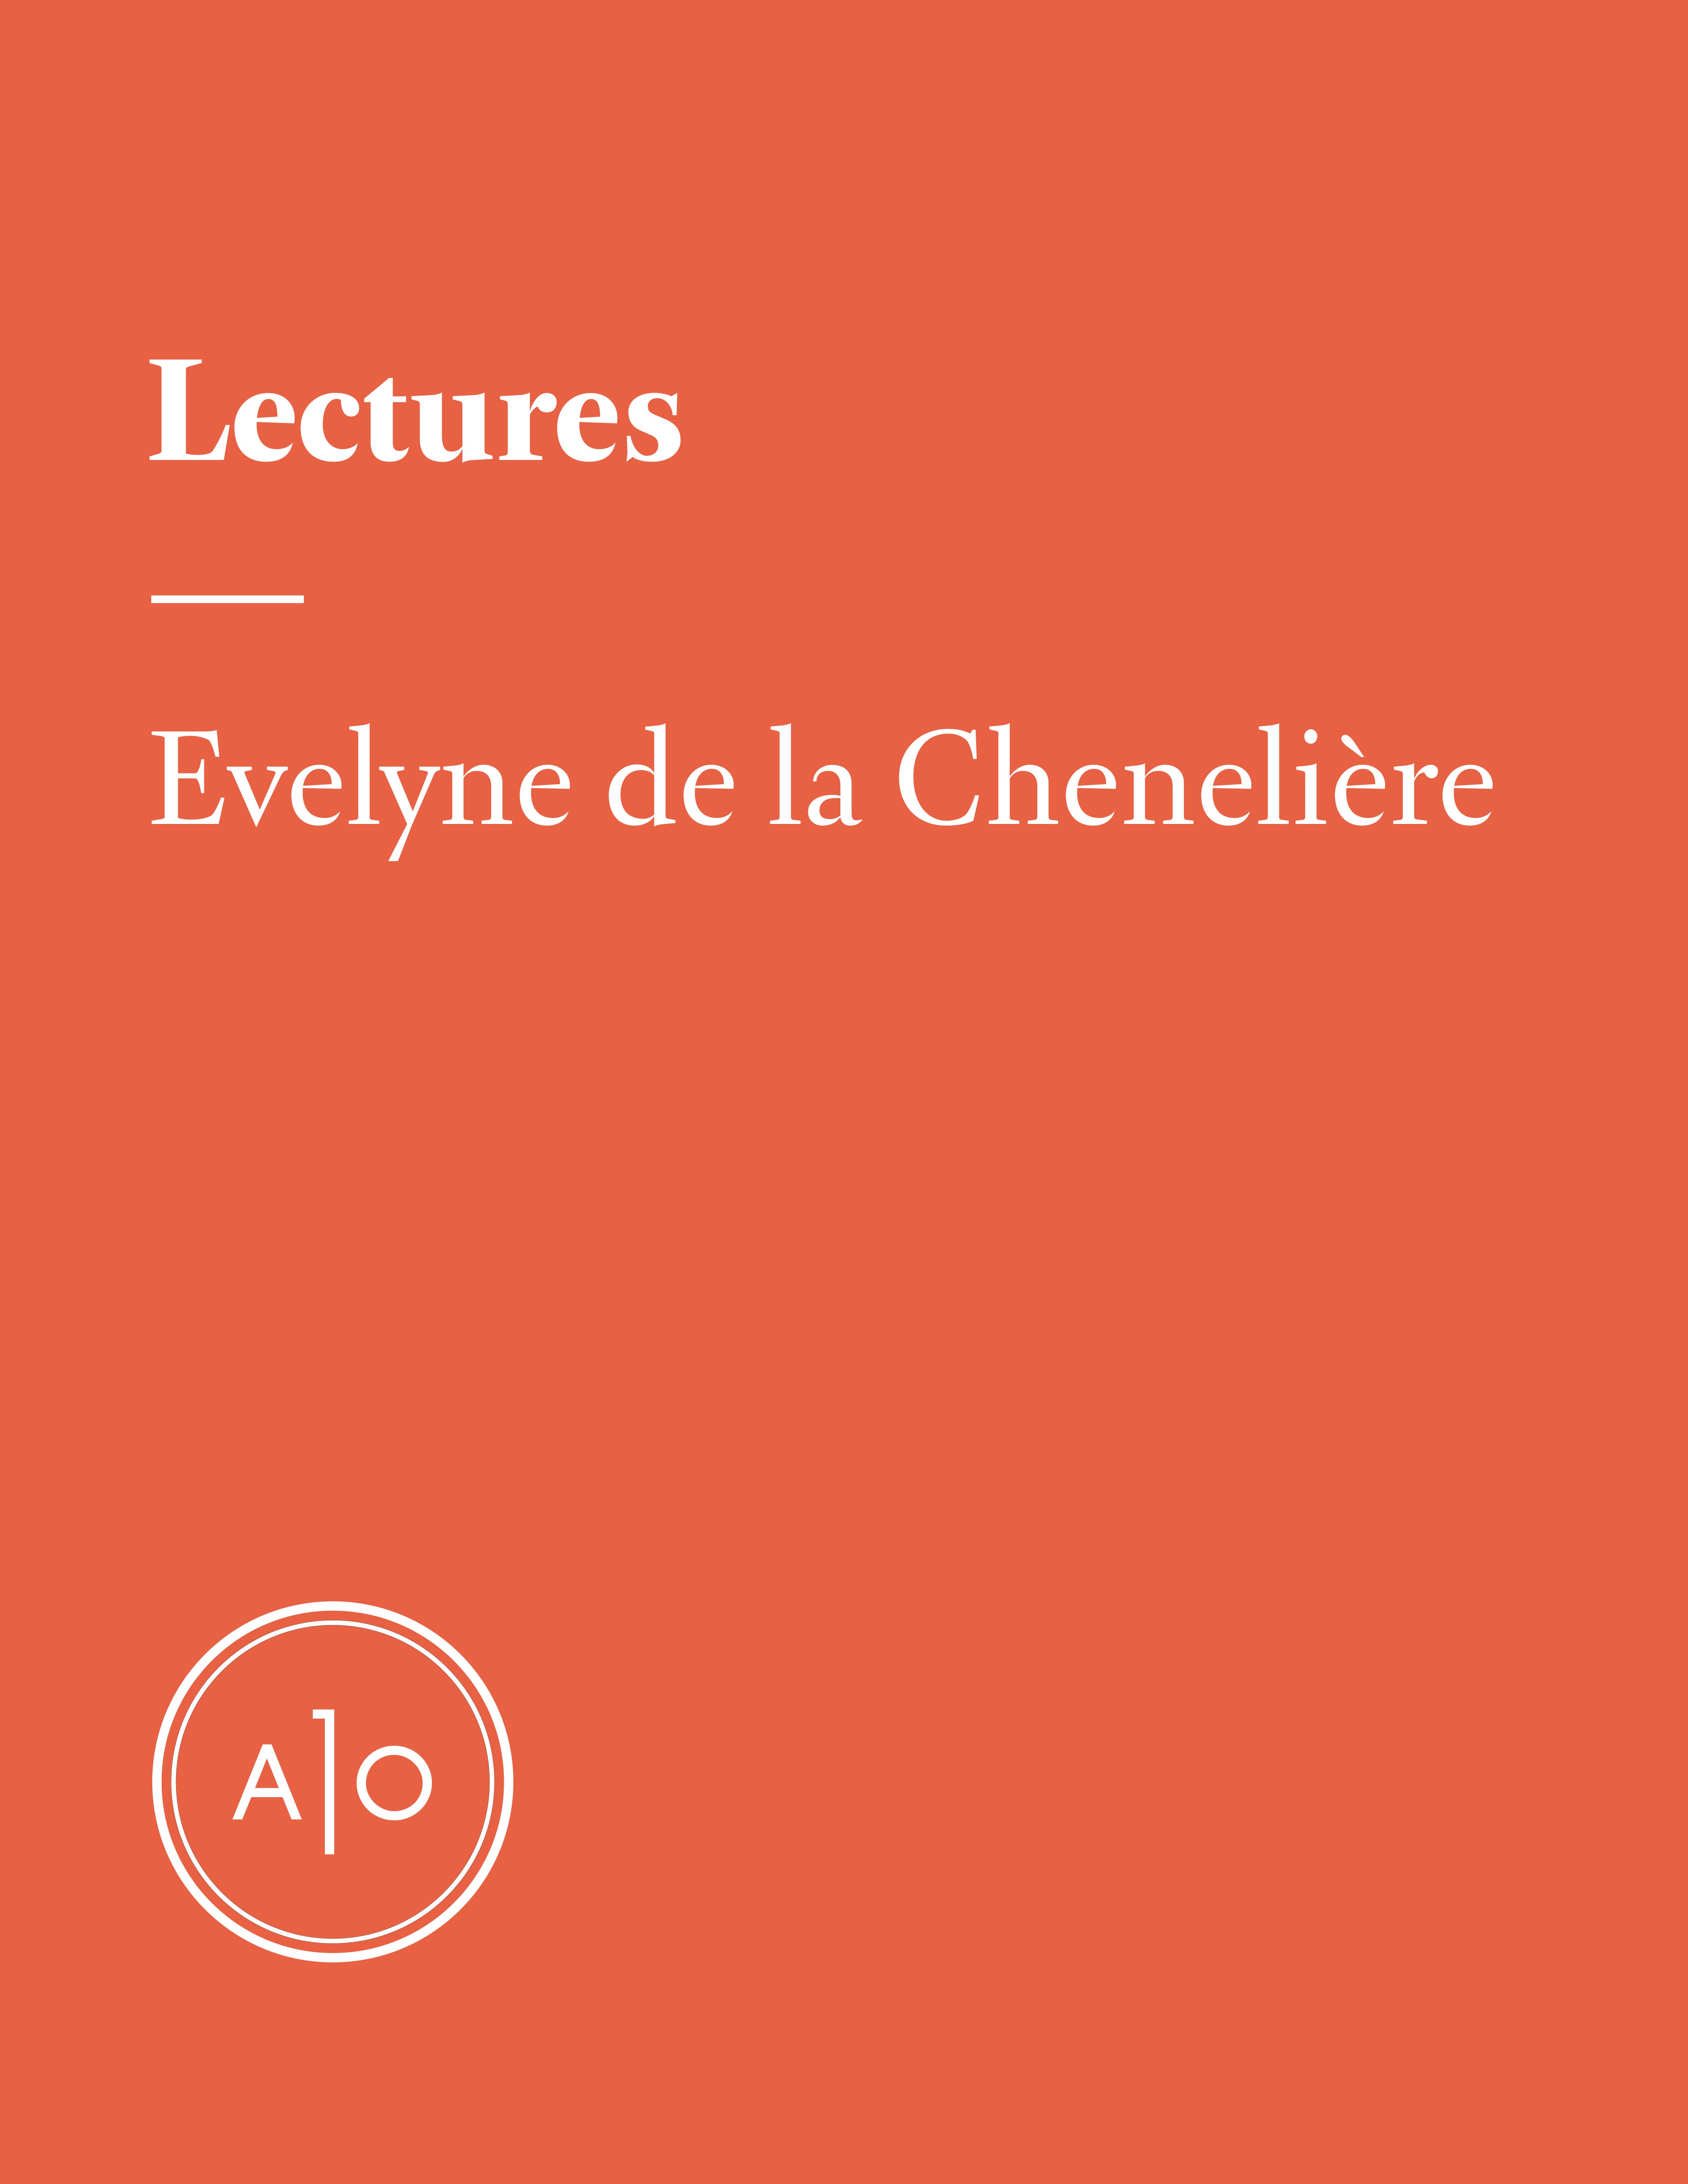 Les lectures d'Evelyne de l...